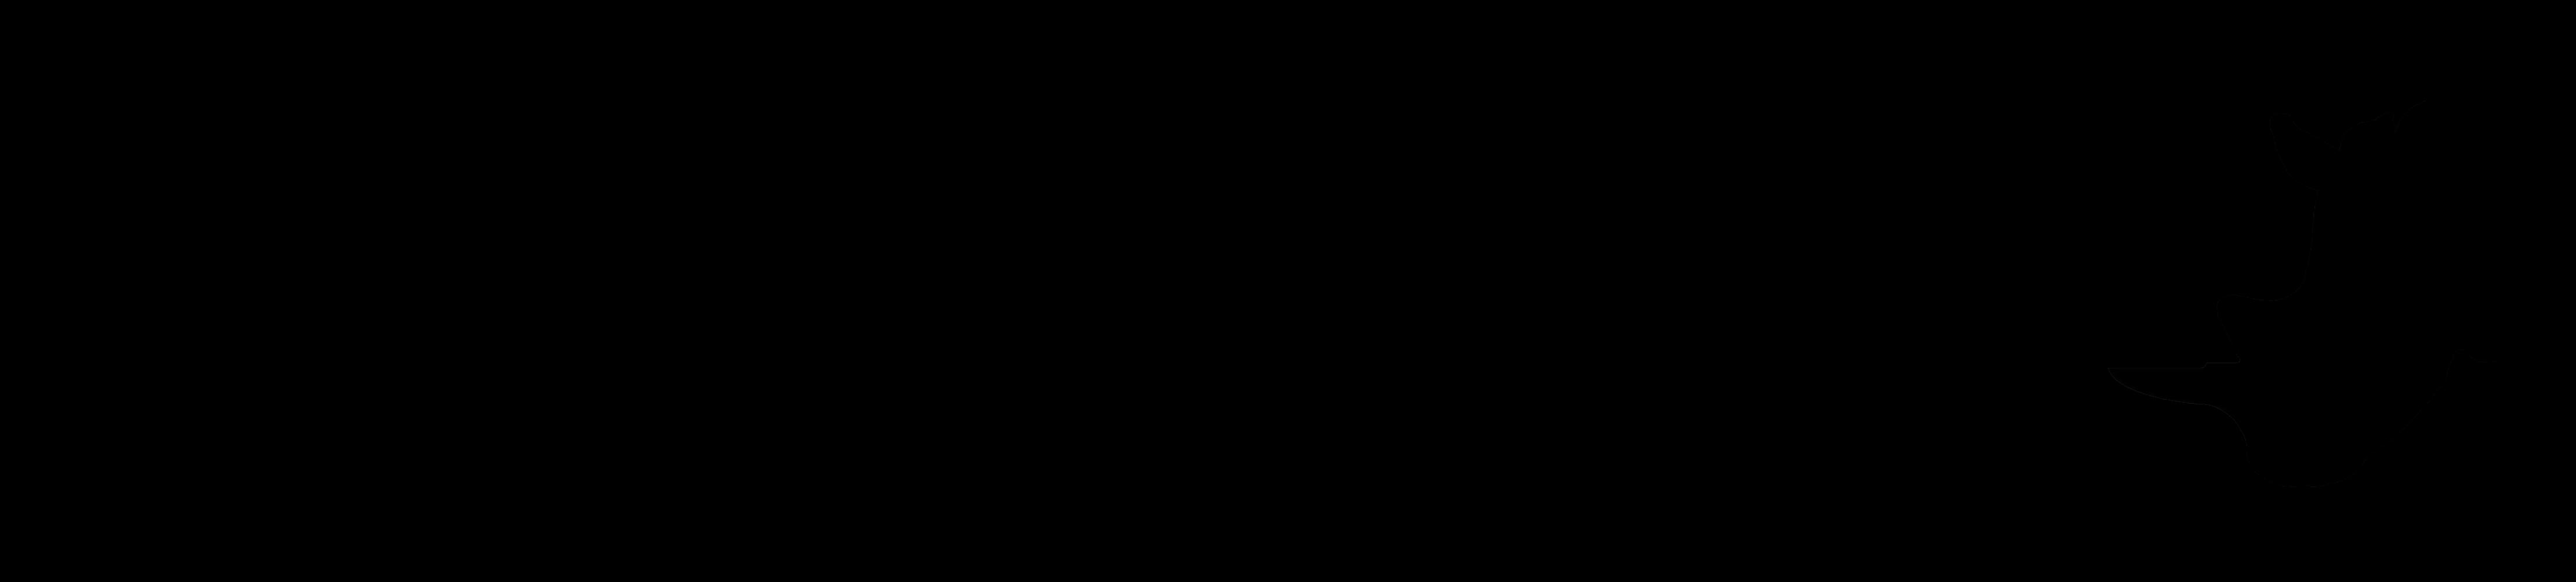 ArtRhino